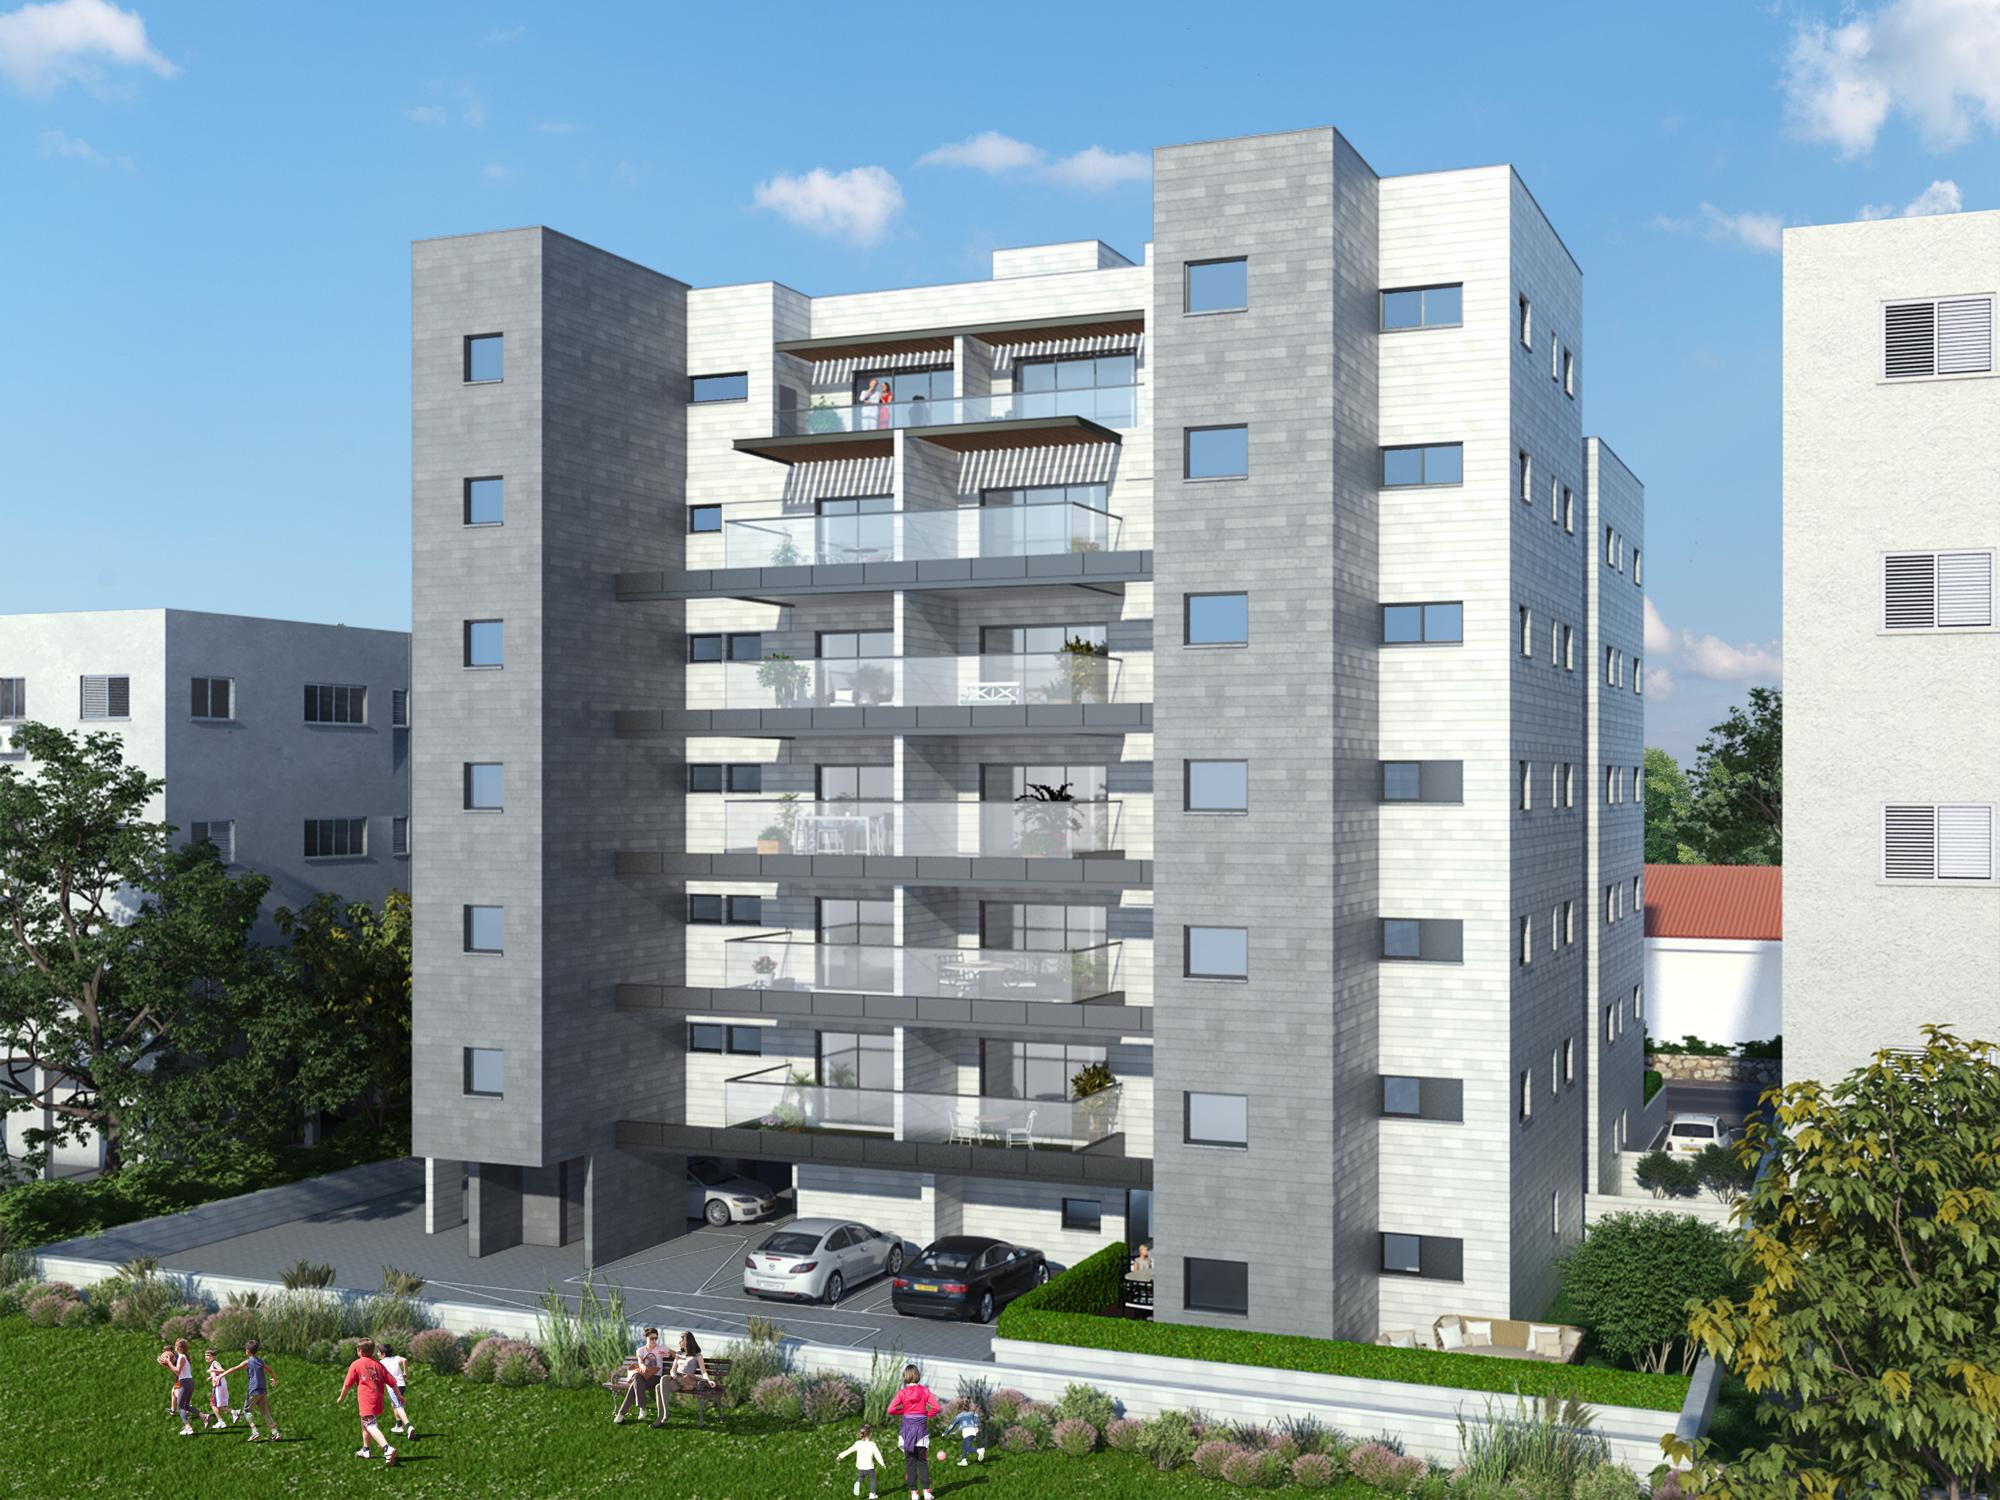 המכירה בקרוב! מזכרת בתיה מתחדשת וקבוצת עשהאל גאה להיות חלק מכך- בלב המושבה ייבנה בניין מחודש ומחוזק המכיל 24 דירות